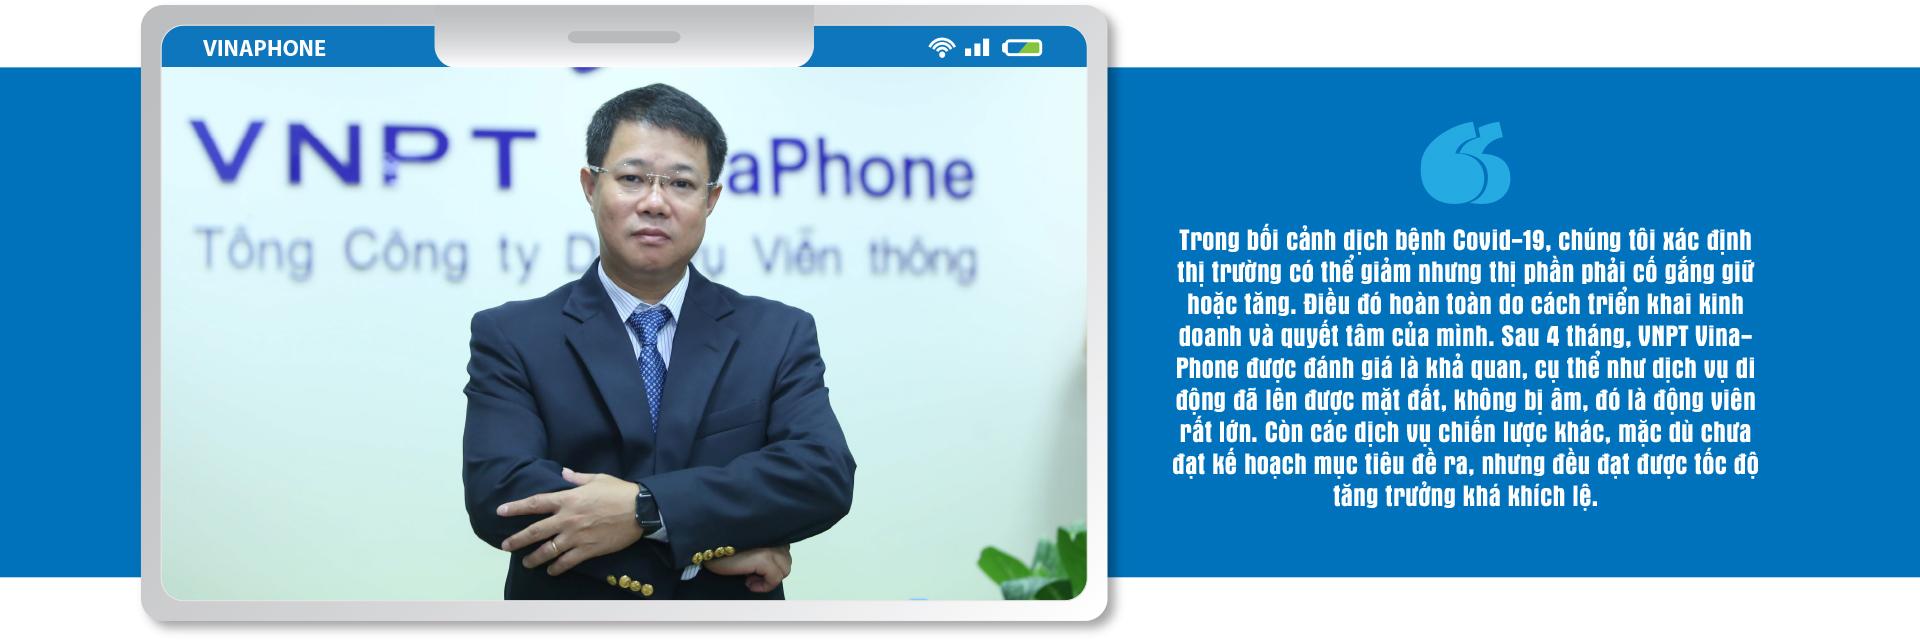 """CEO VNPT-VinaPhone: """"25 tuổi, VinaPhone muốn là số 1 nhưng không phải số 1 về thuê bao di động"""" - Ảnh 8"""